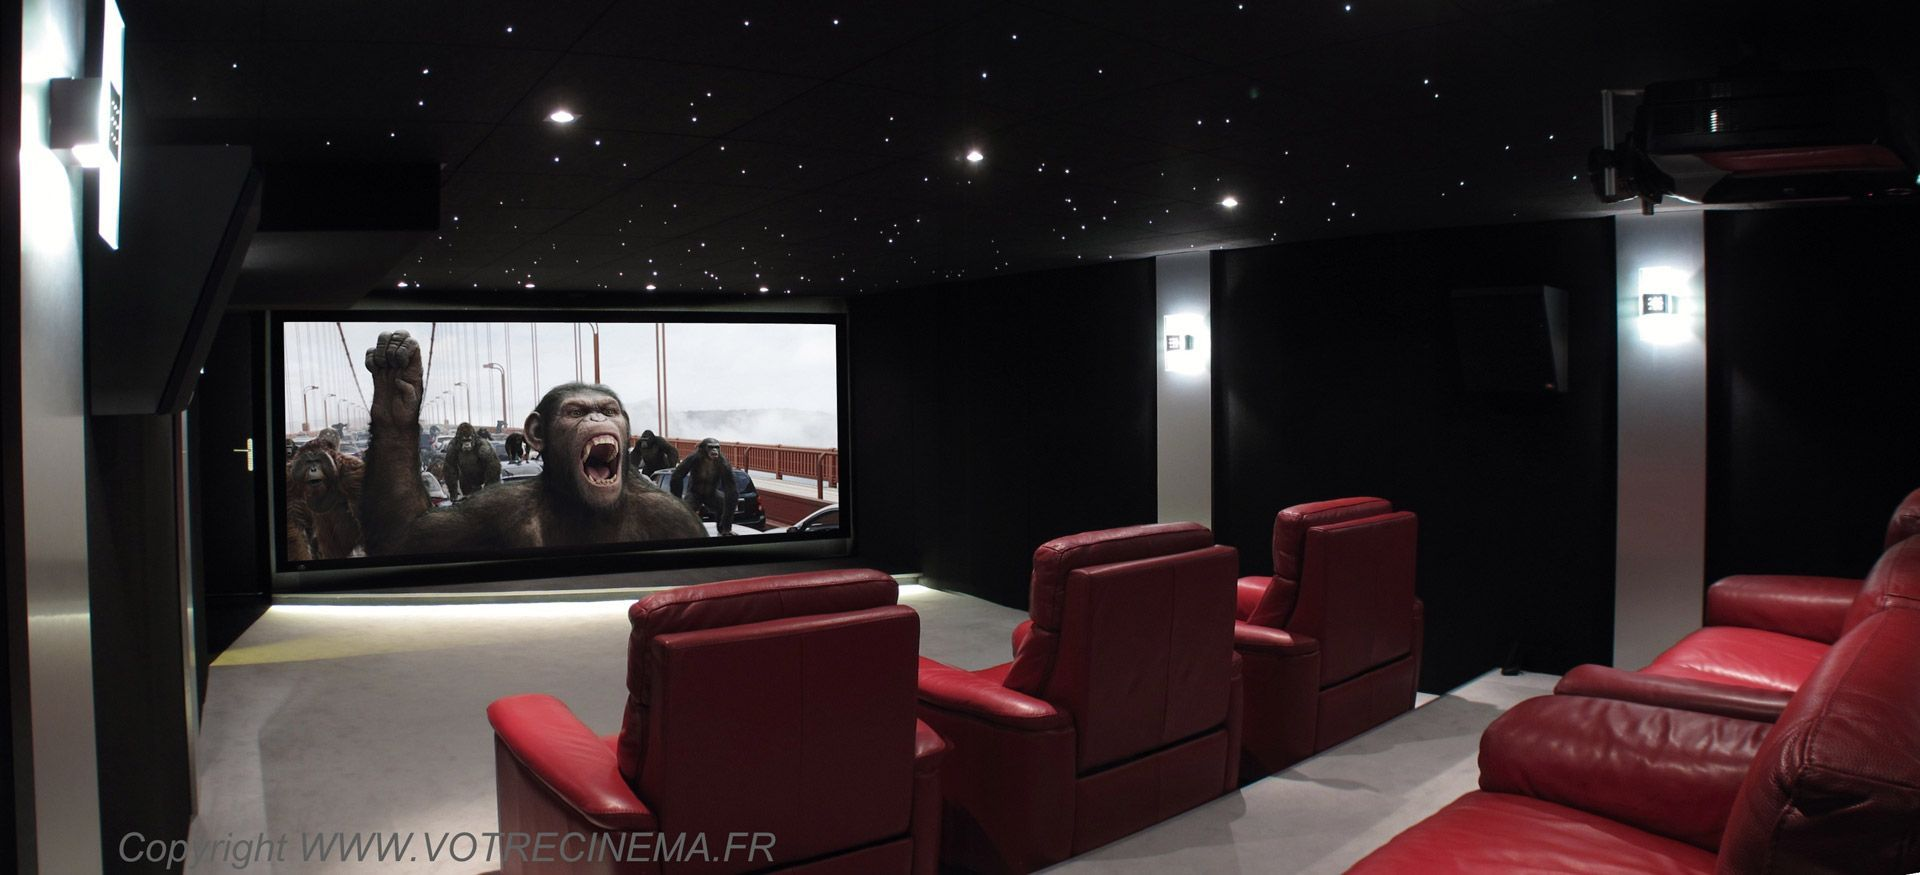 Une Salle De Home Cinema Dans Votre Maison C Est Possible